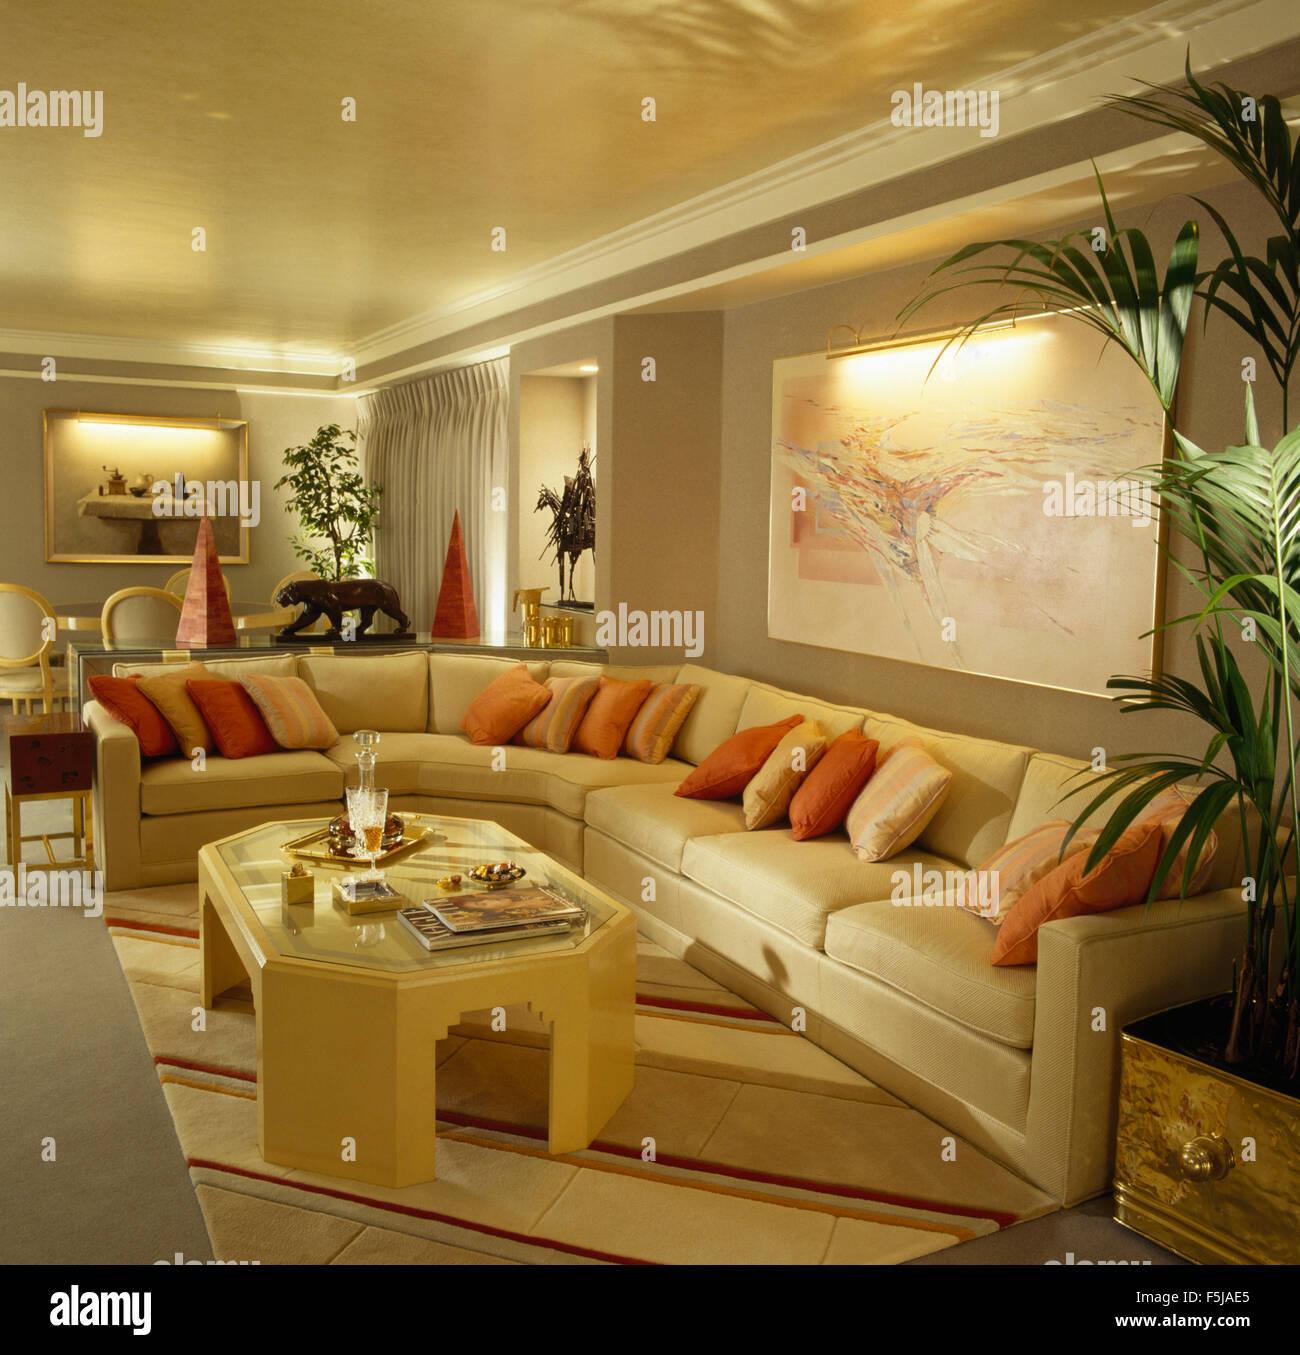 Crema mesa de café en frente de un sofá en forma de L con cojines de tonos crema en un 80 Apartamento Imagen De Stock